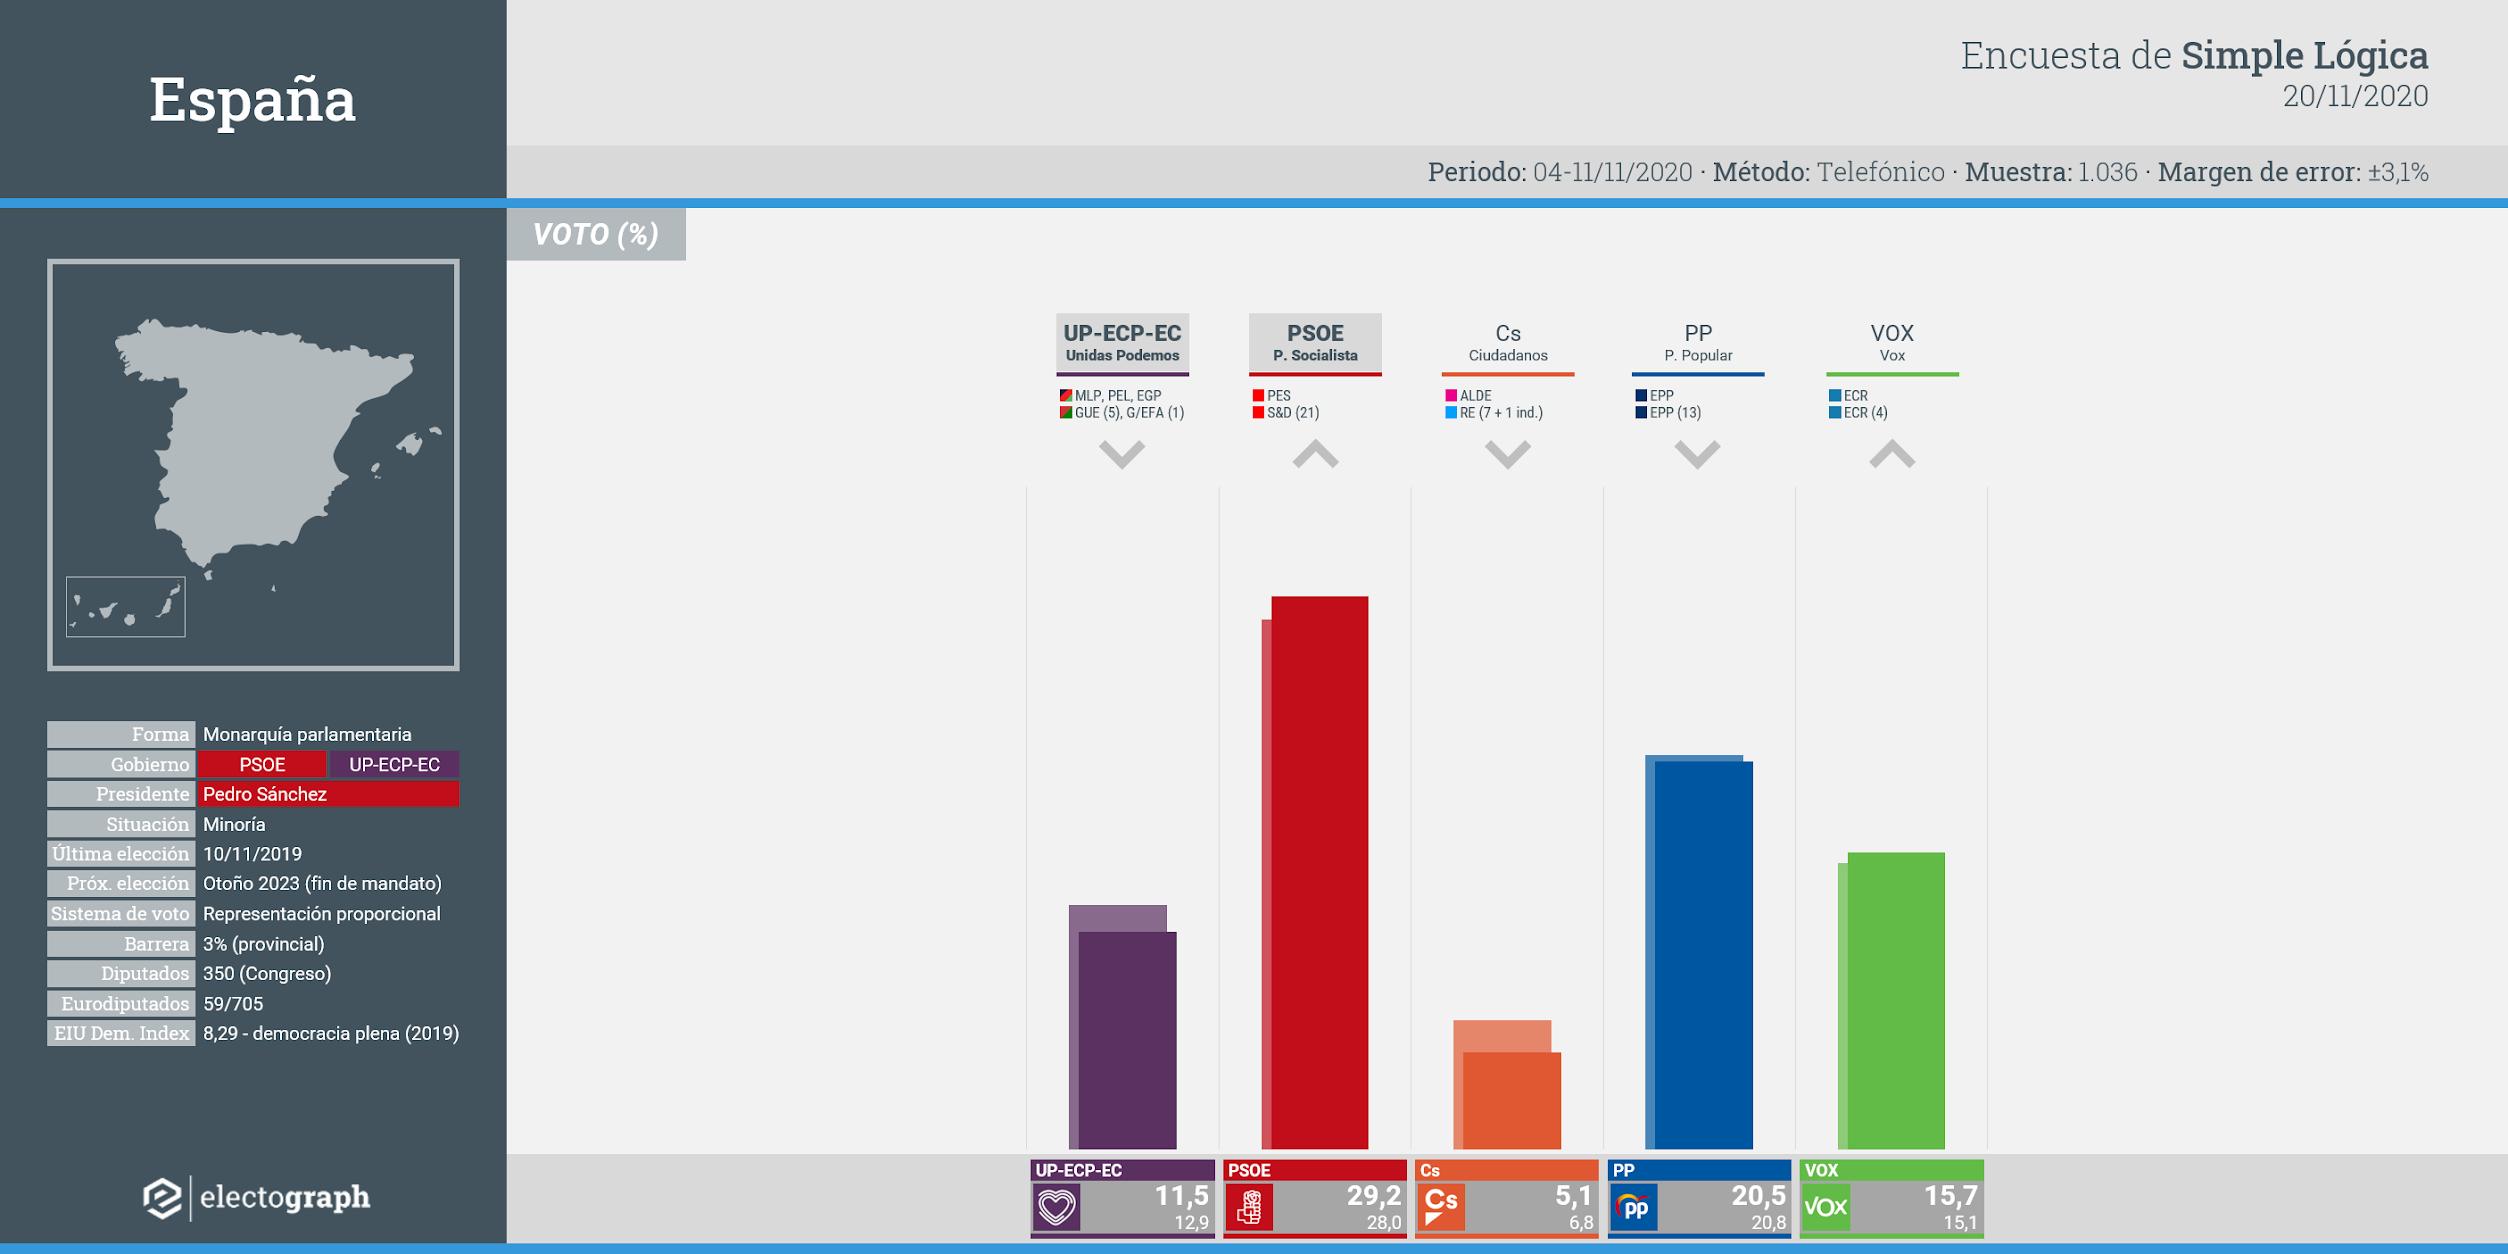 Gráfico de la encuesta para elecciones generales en España realizada por Simple Lógica, 20 de noviembre de 2020